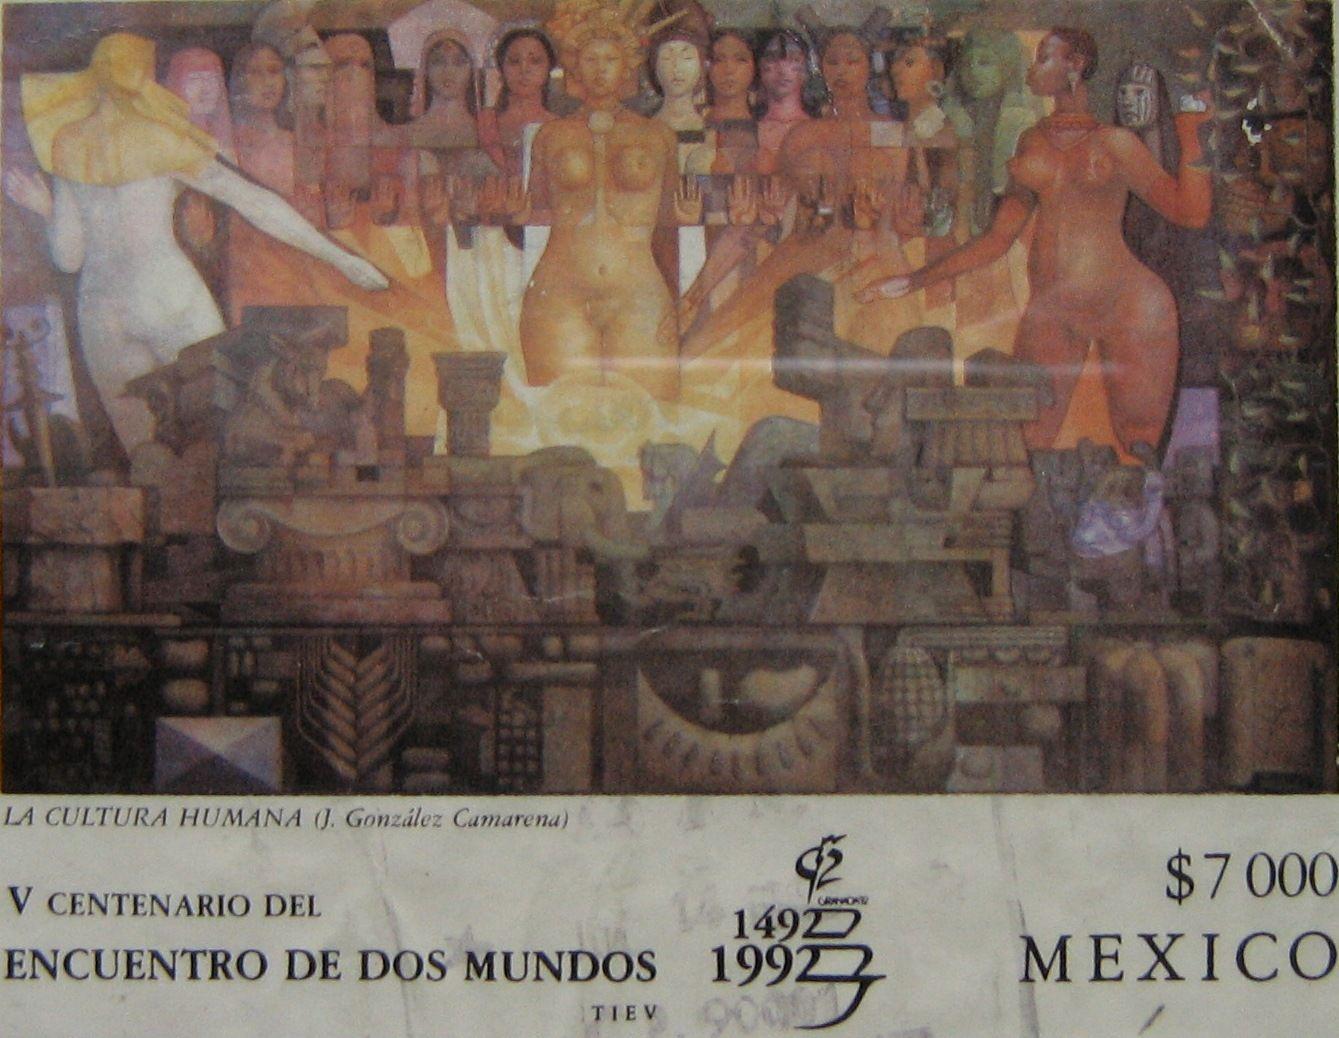 LA CULTURA HUMANA (J. González Camarena) V CENTENARIO DEL ENCUENTRO DE DOS MUNDOS